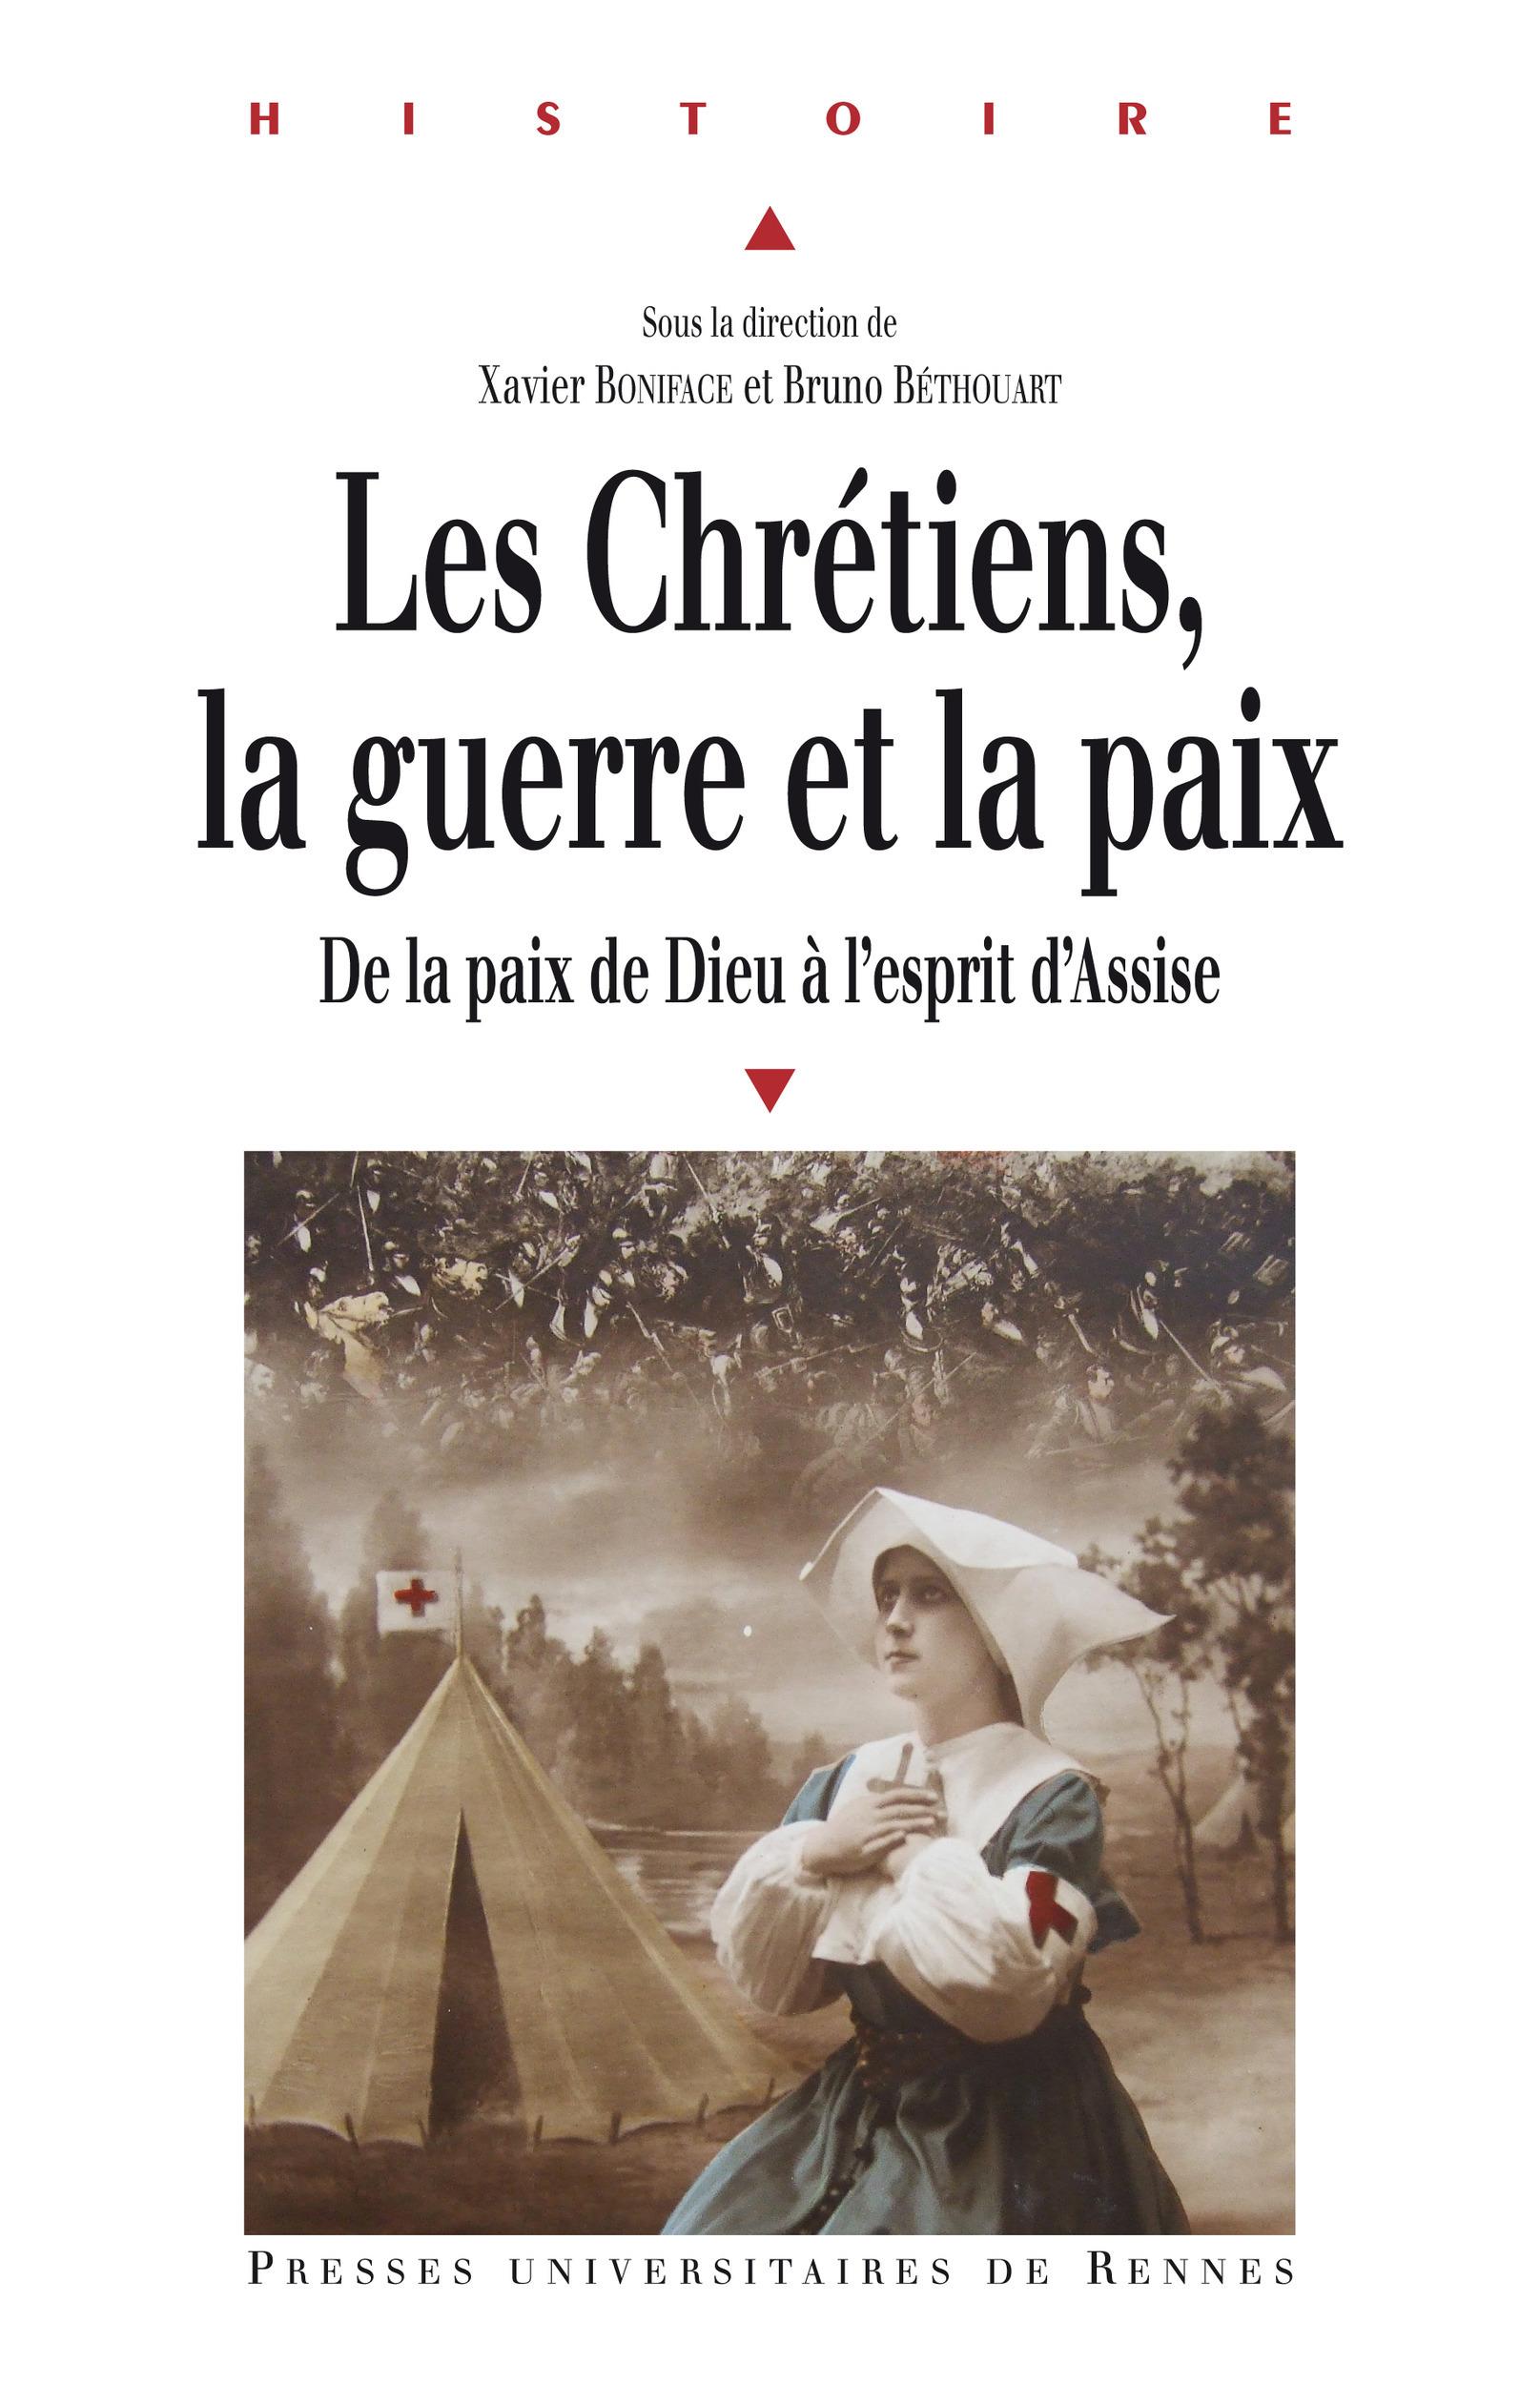 Les chrétiens, la guerre et la paix  - Xavier Boniface  - Bruno Béthouart